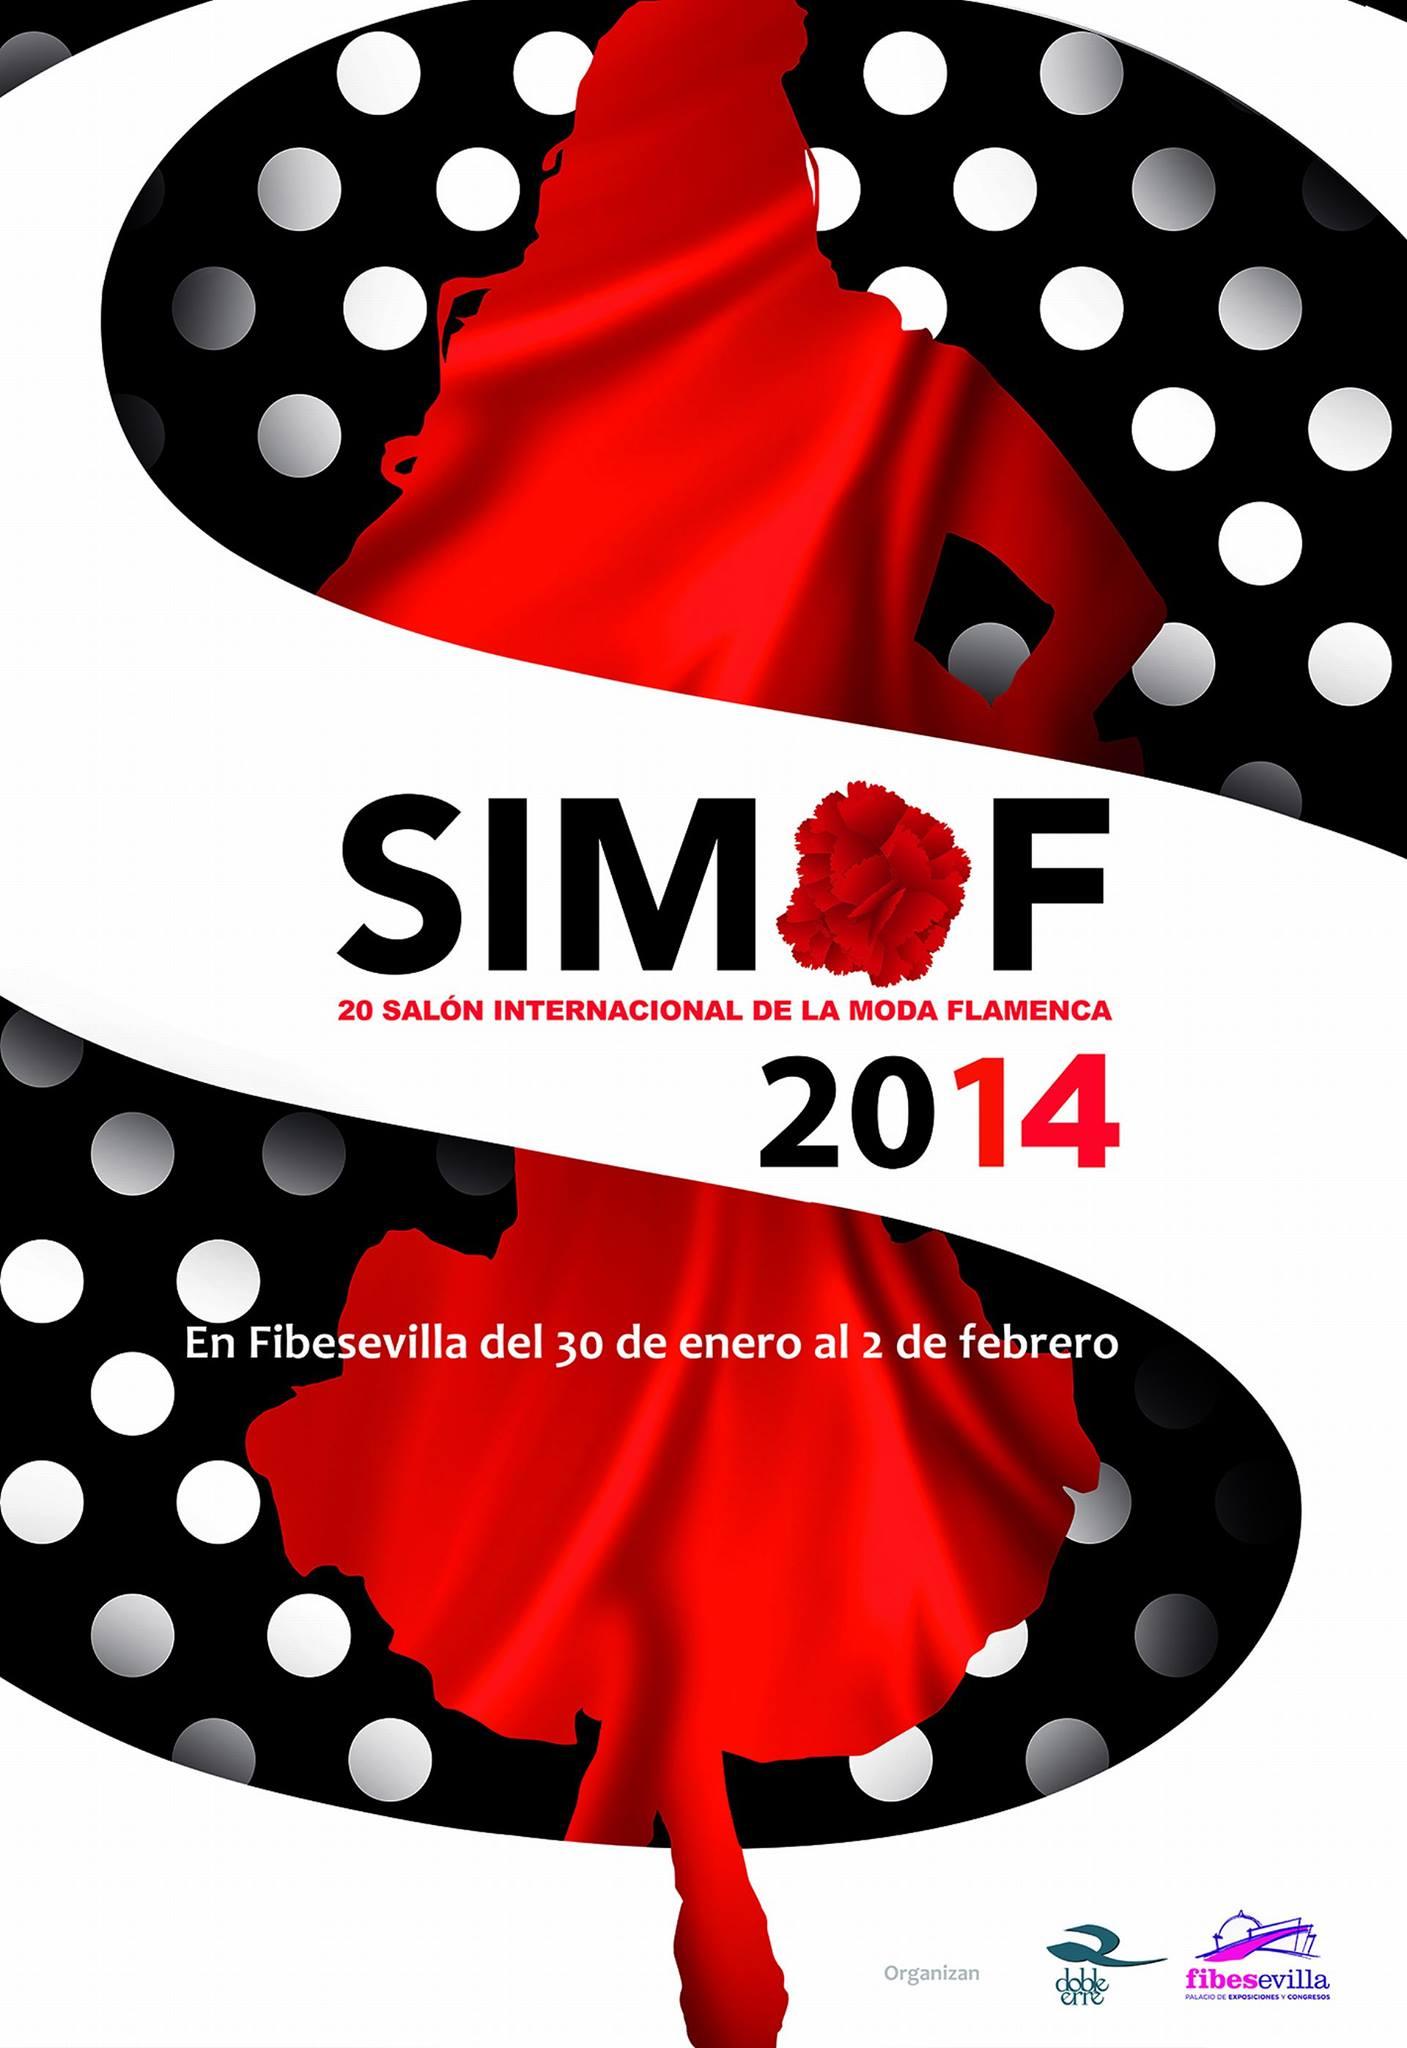 SIMOF 2014. Horarios y Desfiles